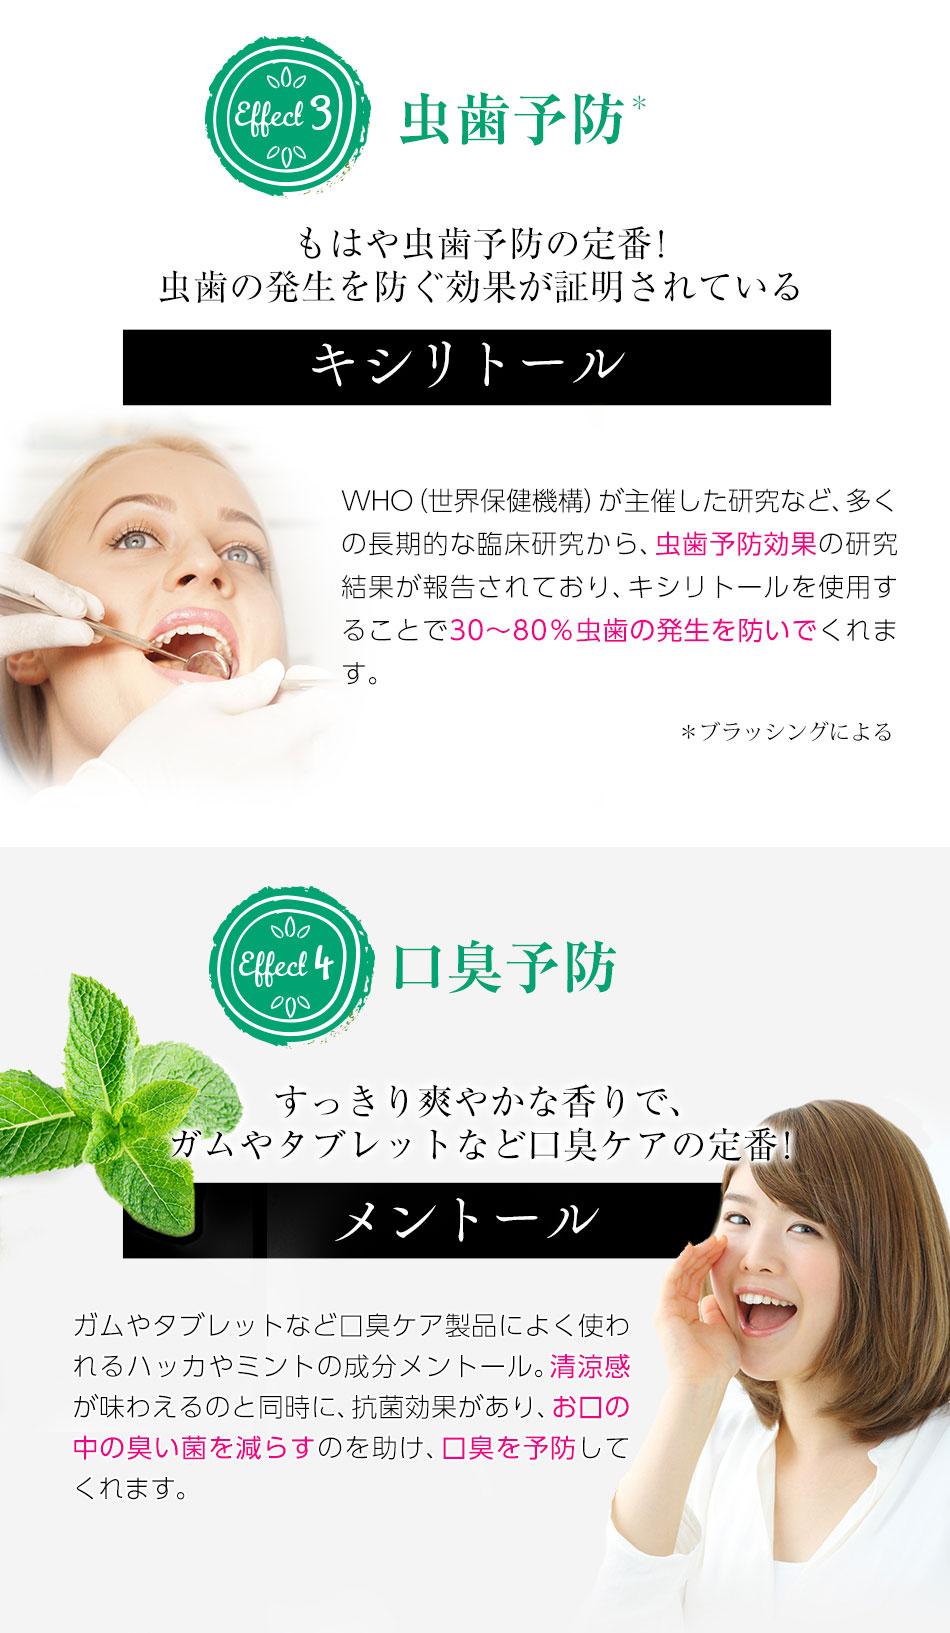 ③虫歯予防!キシリトール!④口臭予防!すっきり爽やかな香りで、ガムやタブレットなど口臭ケアの定番!メントール